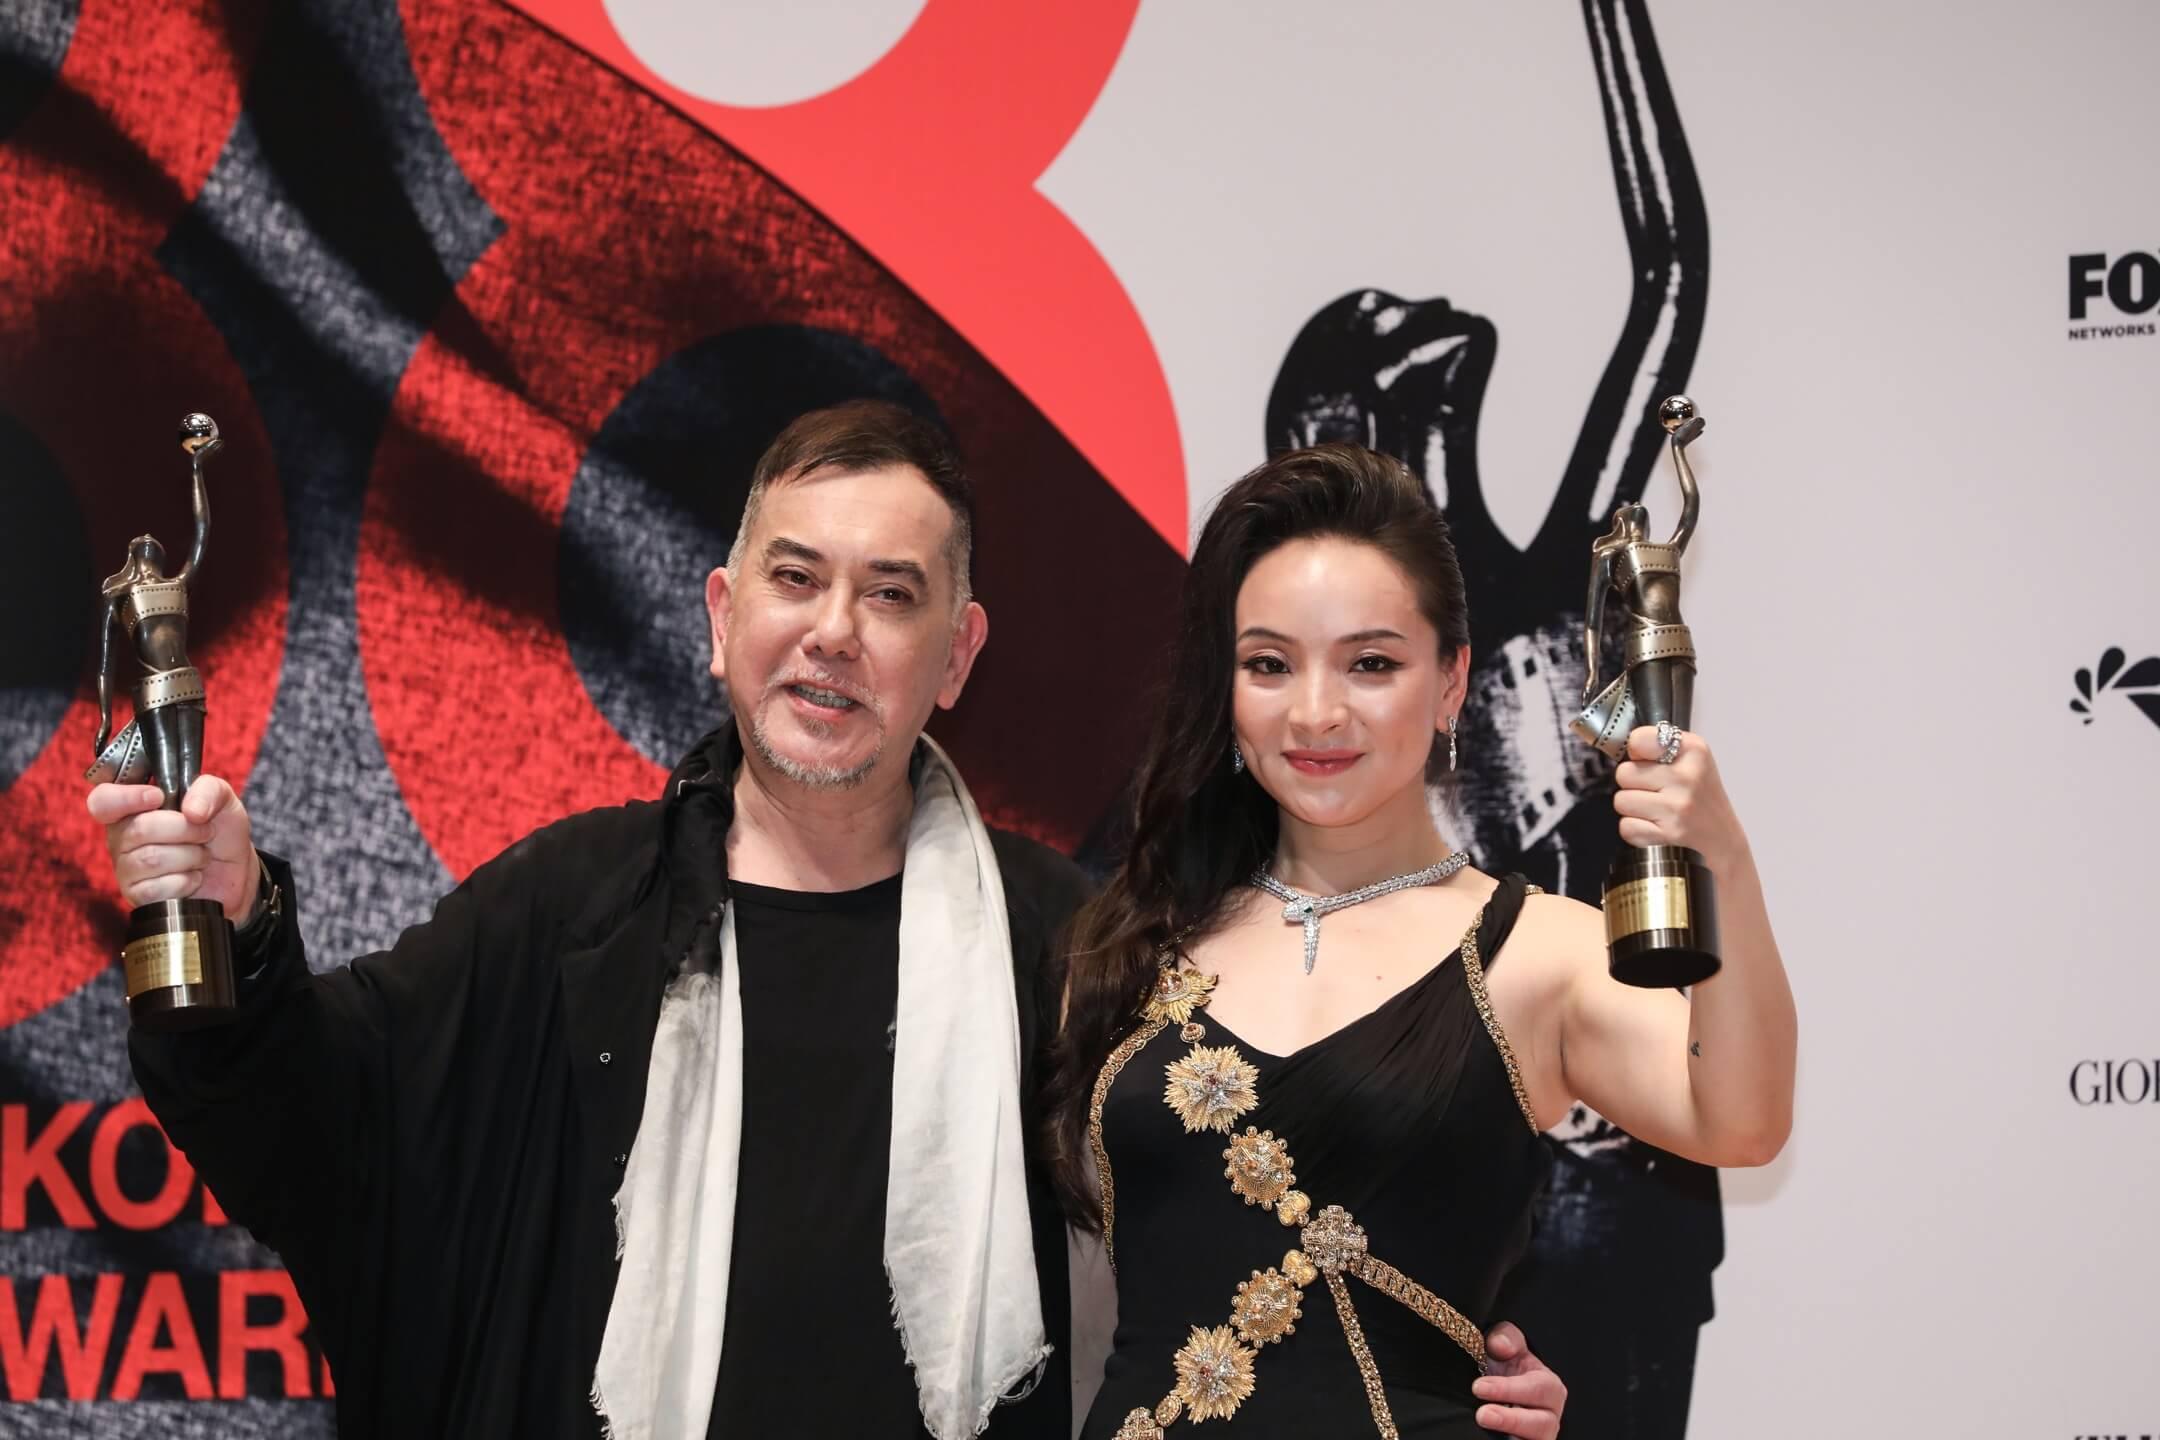 2019年4月14日,香港電影金像獎最佳男主角得獎者黃秋生和最佳女主角得獎者曾美慧孜在頒獎典禮後合照。 攝:林振東/端傳媒